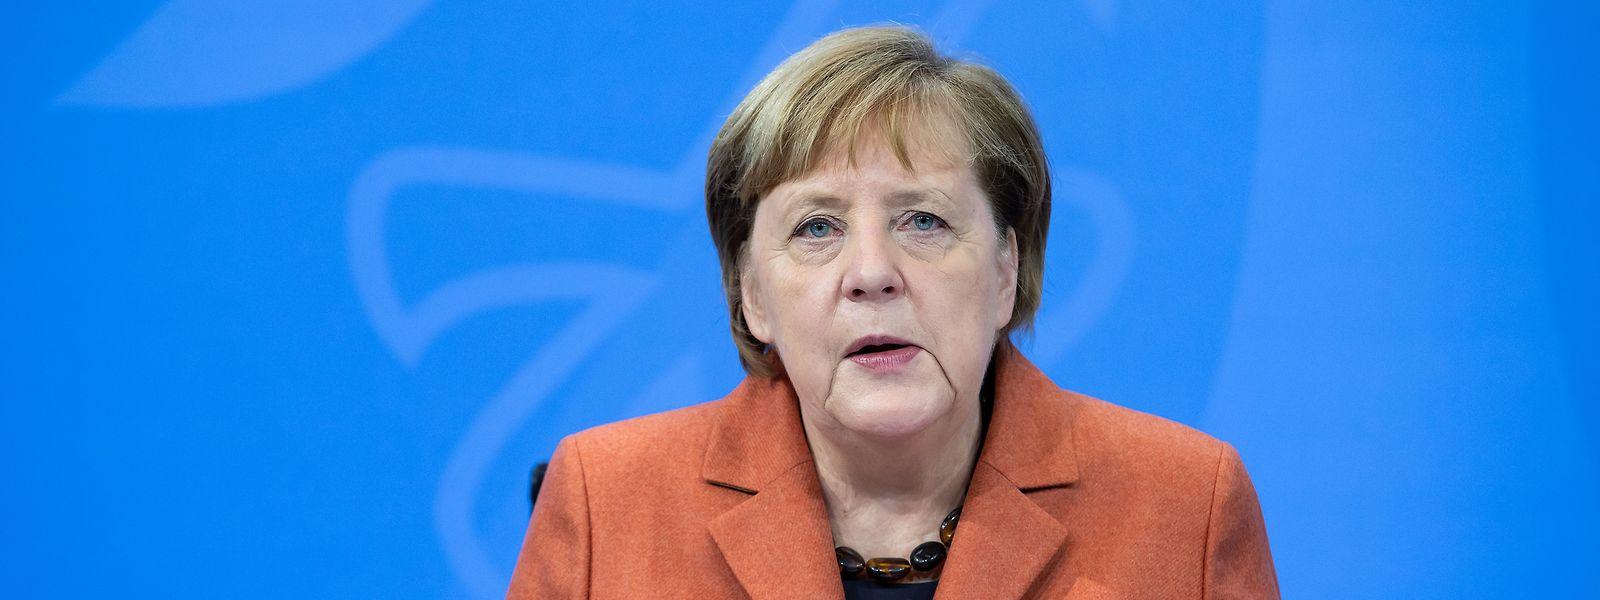 Bundeskanzlerin Angela Merkel (CDU) äußert sich nach der Schaltkonferenz von ihr mit den Ministerpräsidenten der Länder bei einer Pressekonferenz im Bundeskanzleramt zum weiteren Vorgehen in der Corona-Krise.